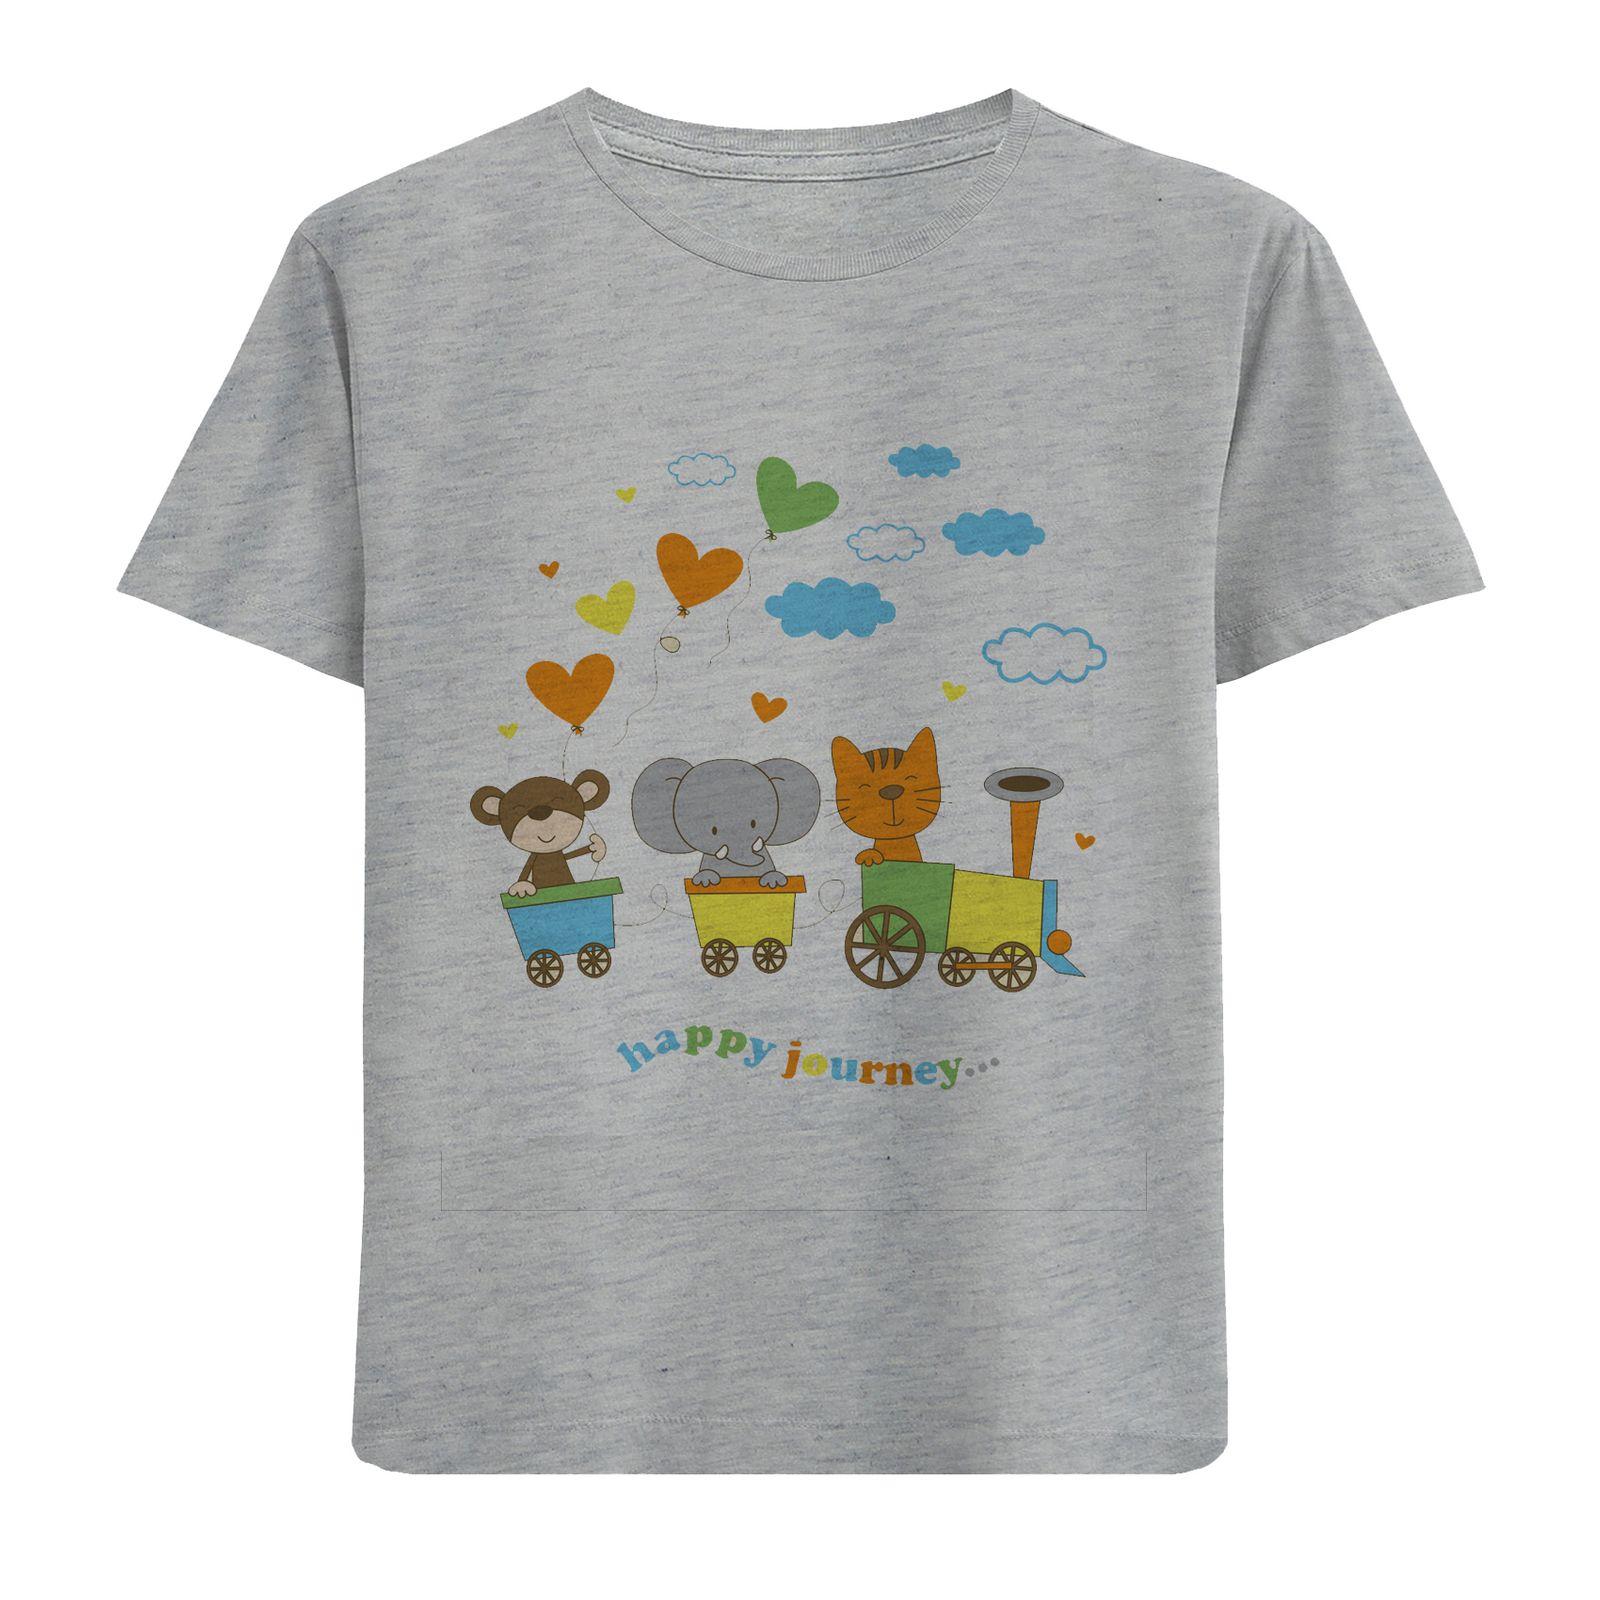 تی شرت آستین کوتاه دخترانه طرح قطار حیوانات کد F02 -  - 1